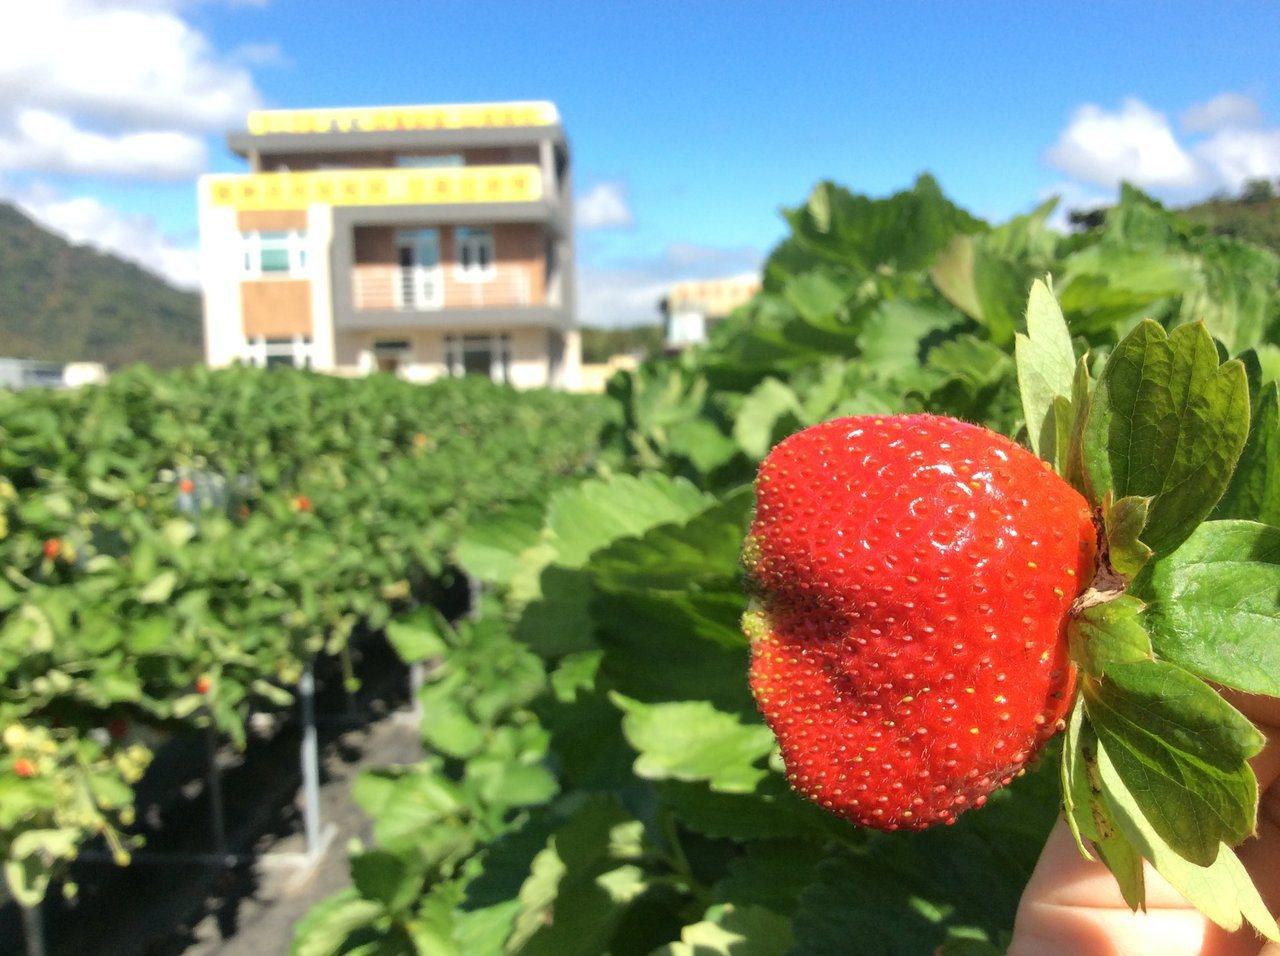 受到暖冬影響,今年草莓大小、甜度都很不錯。圖/大湖旅遊網提供